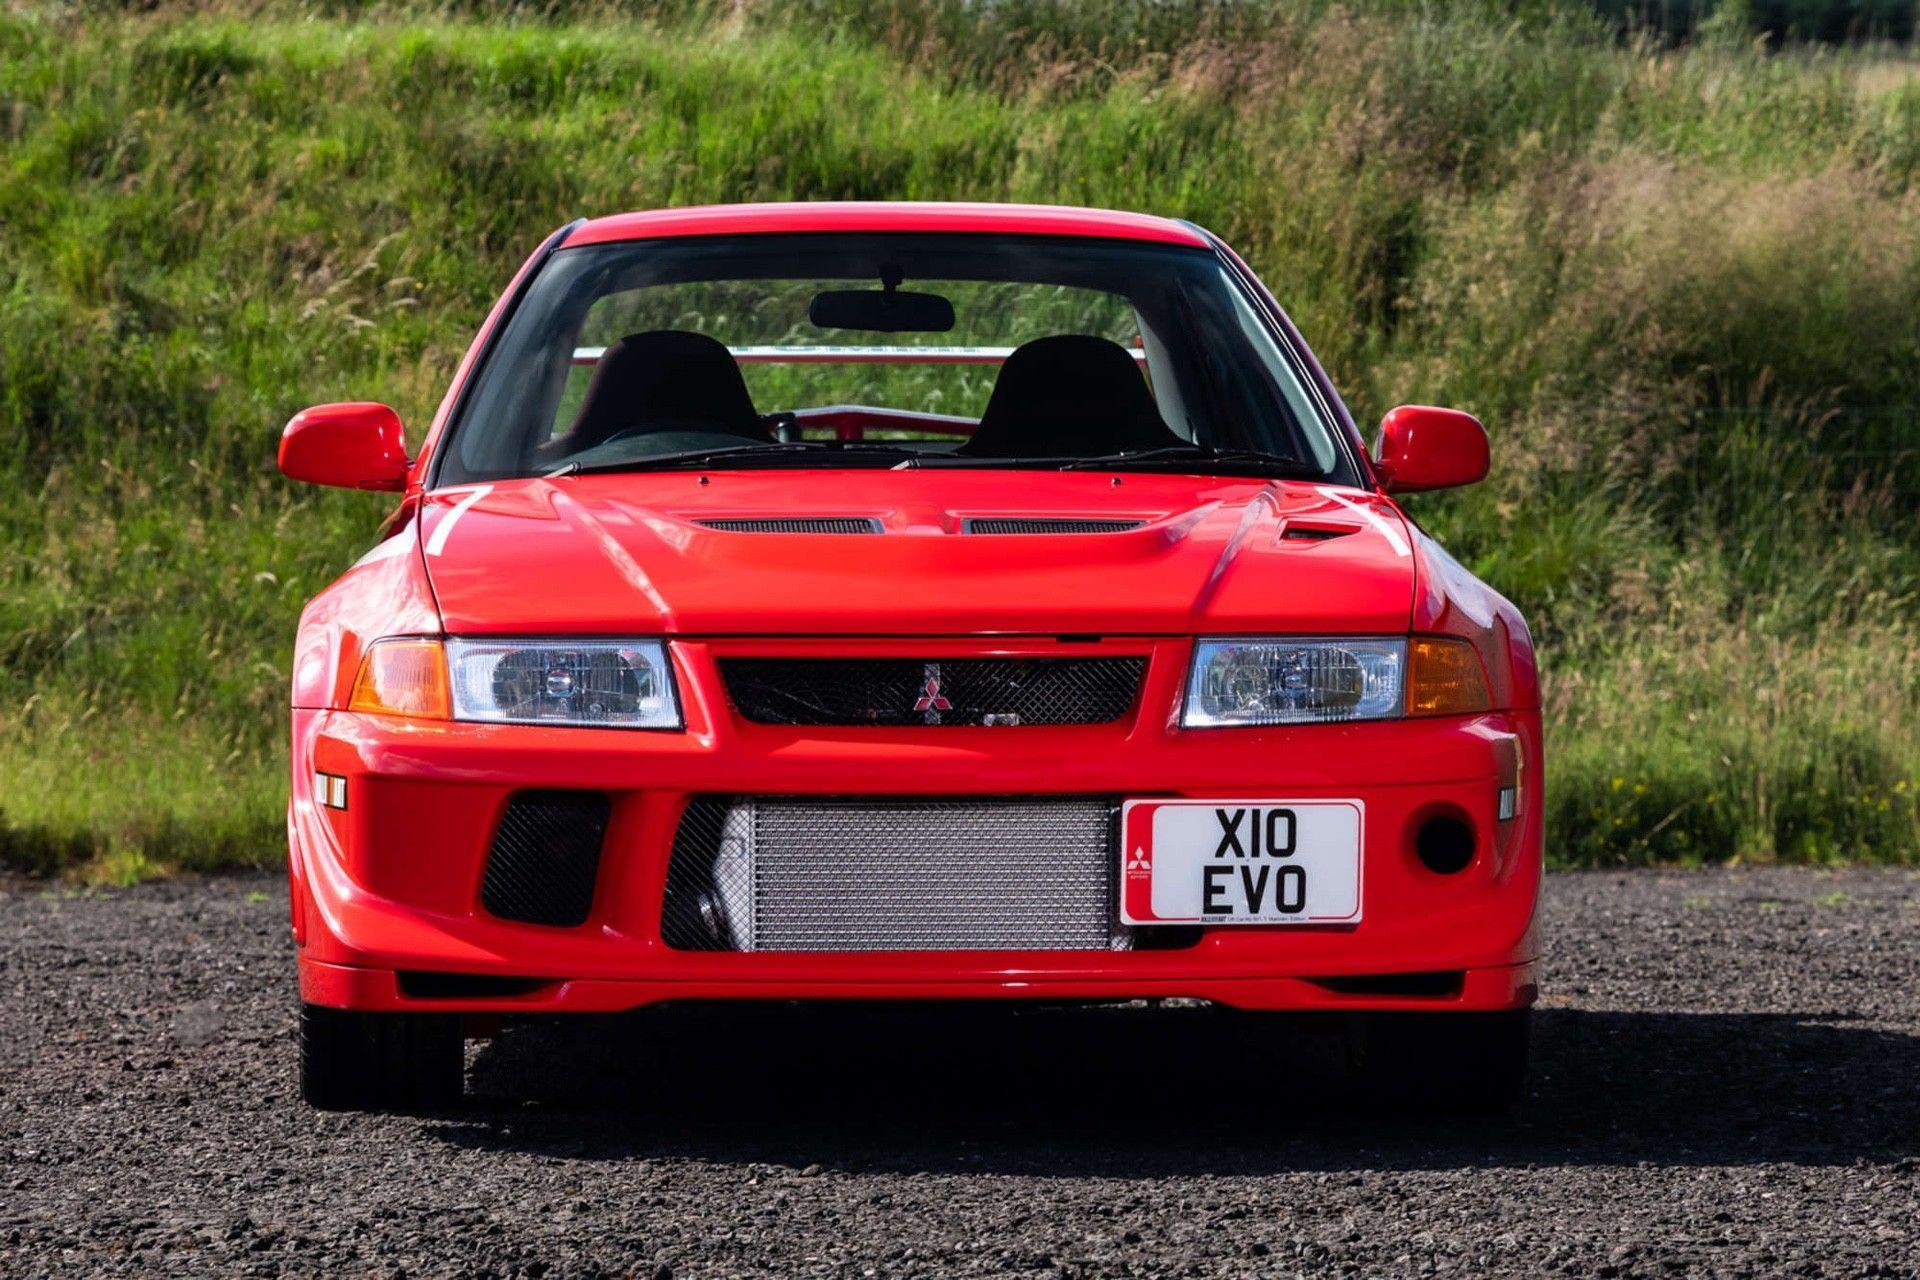 2000_Mitsubishi_Lancer_Evolution_VI_Tommi_Makinen_Edition_sale-0037